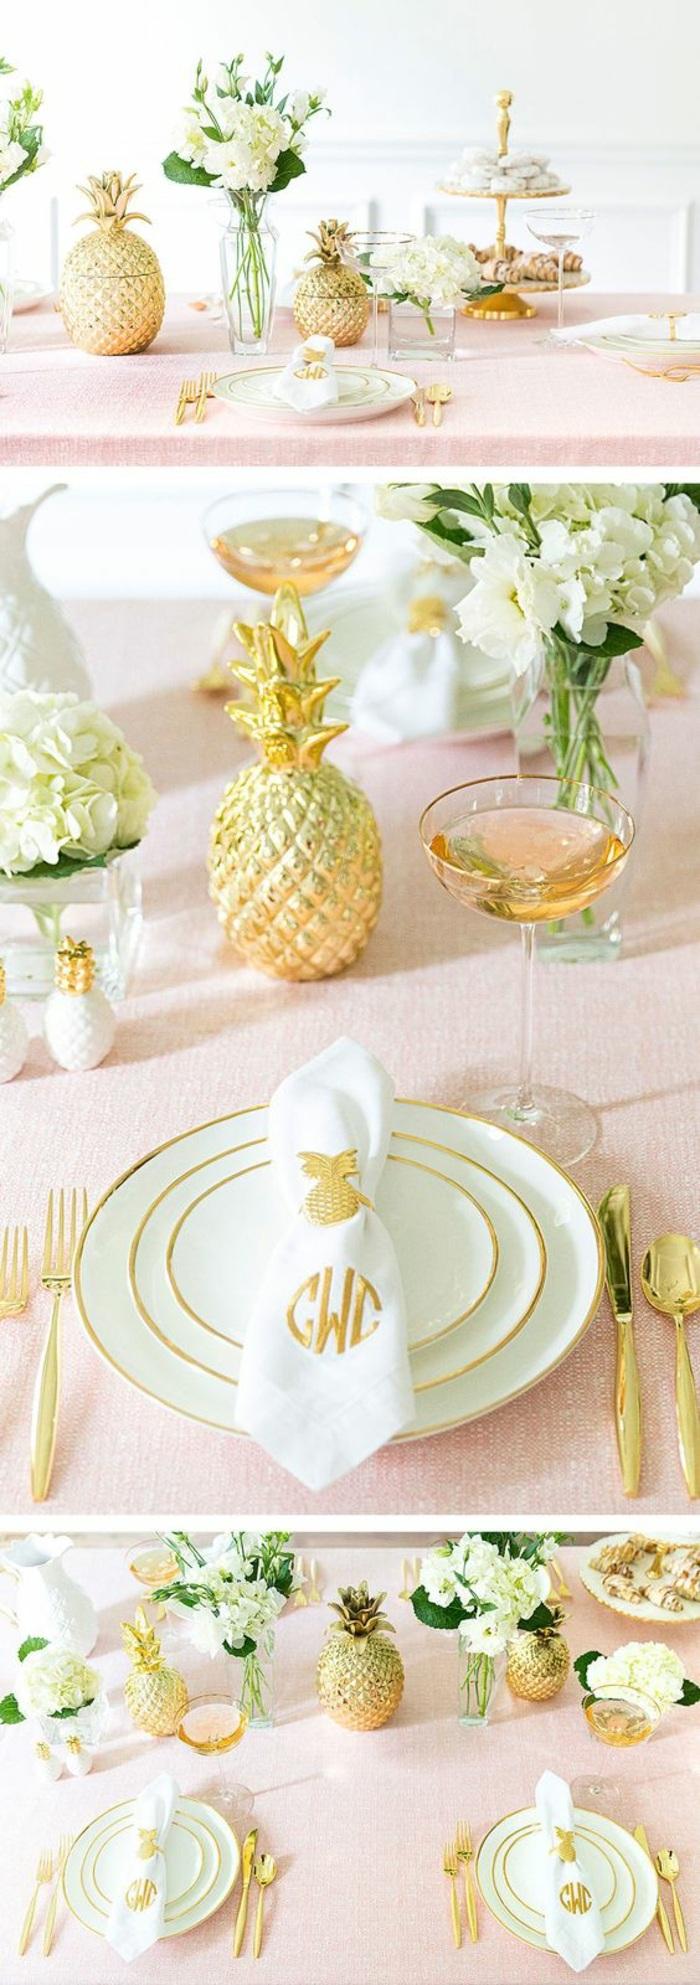 1001 Ideen Wie Sie Eine Elegante Tischdeko Selber Machen